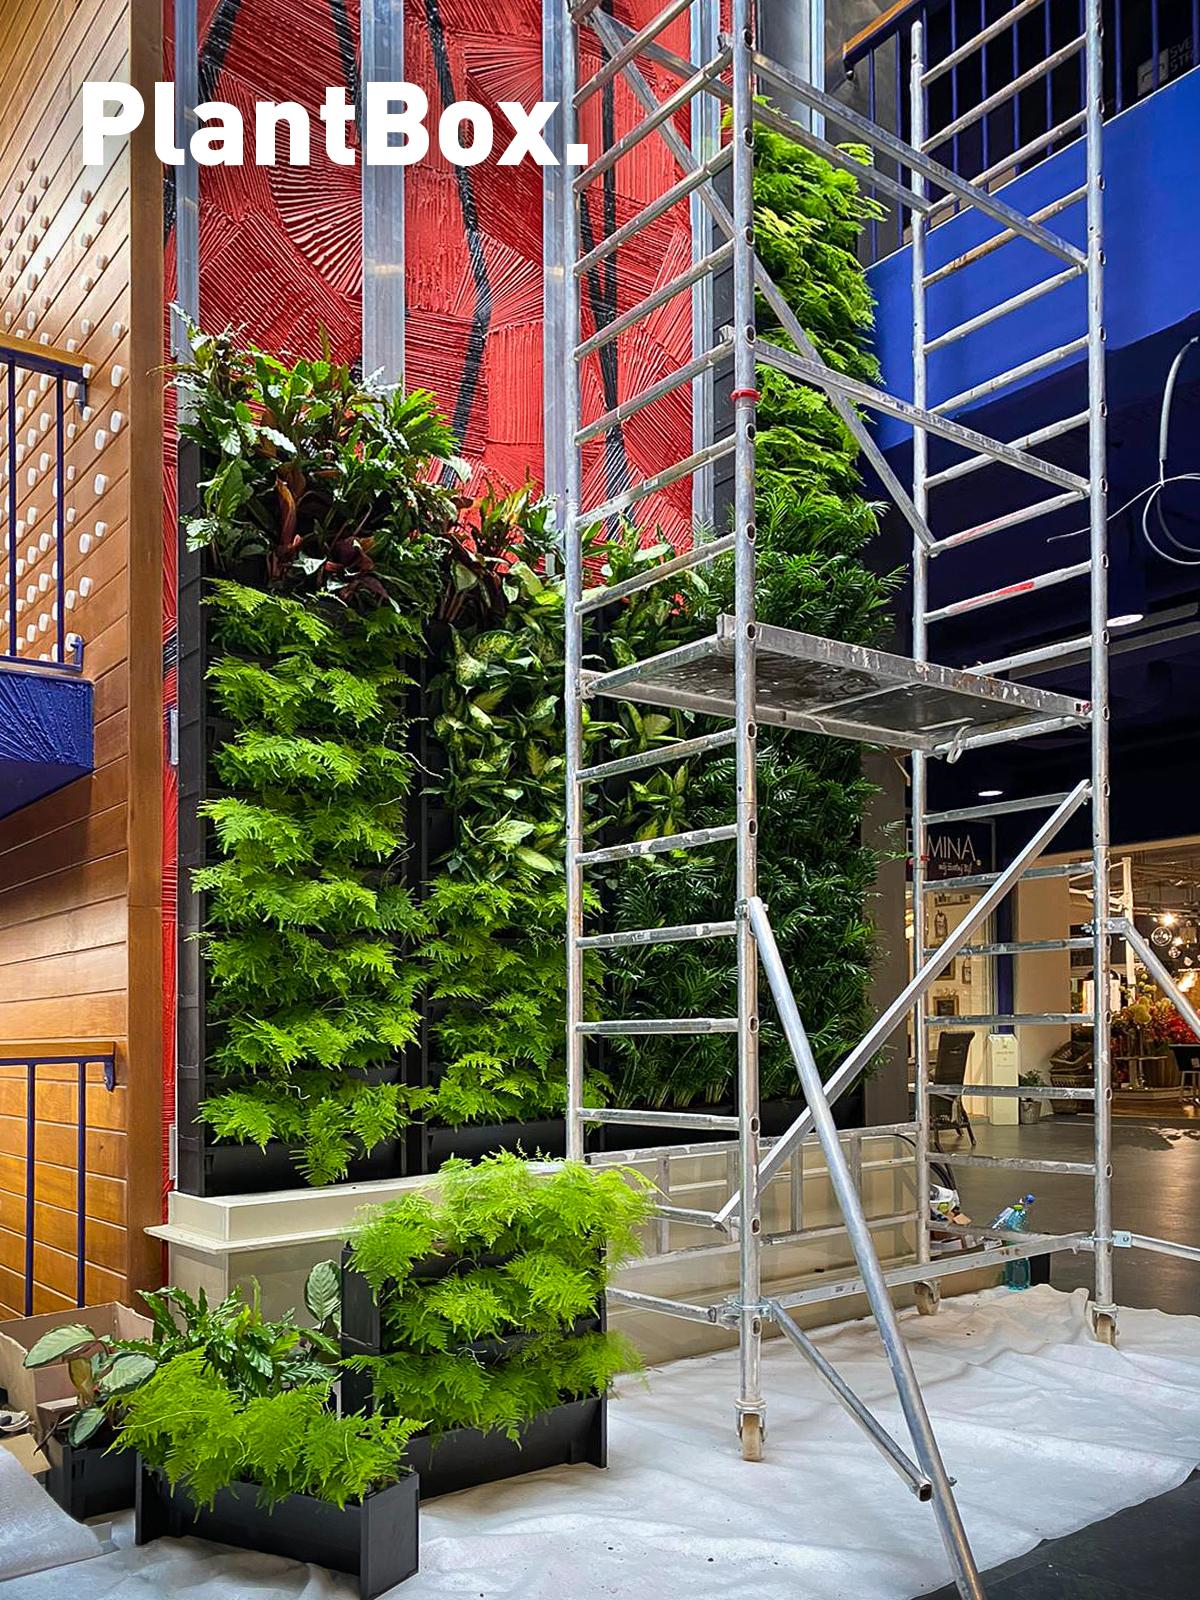 Dokončujeme rekordní realizaci zelené stěny v interiéru!